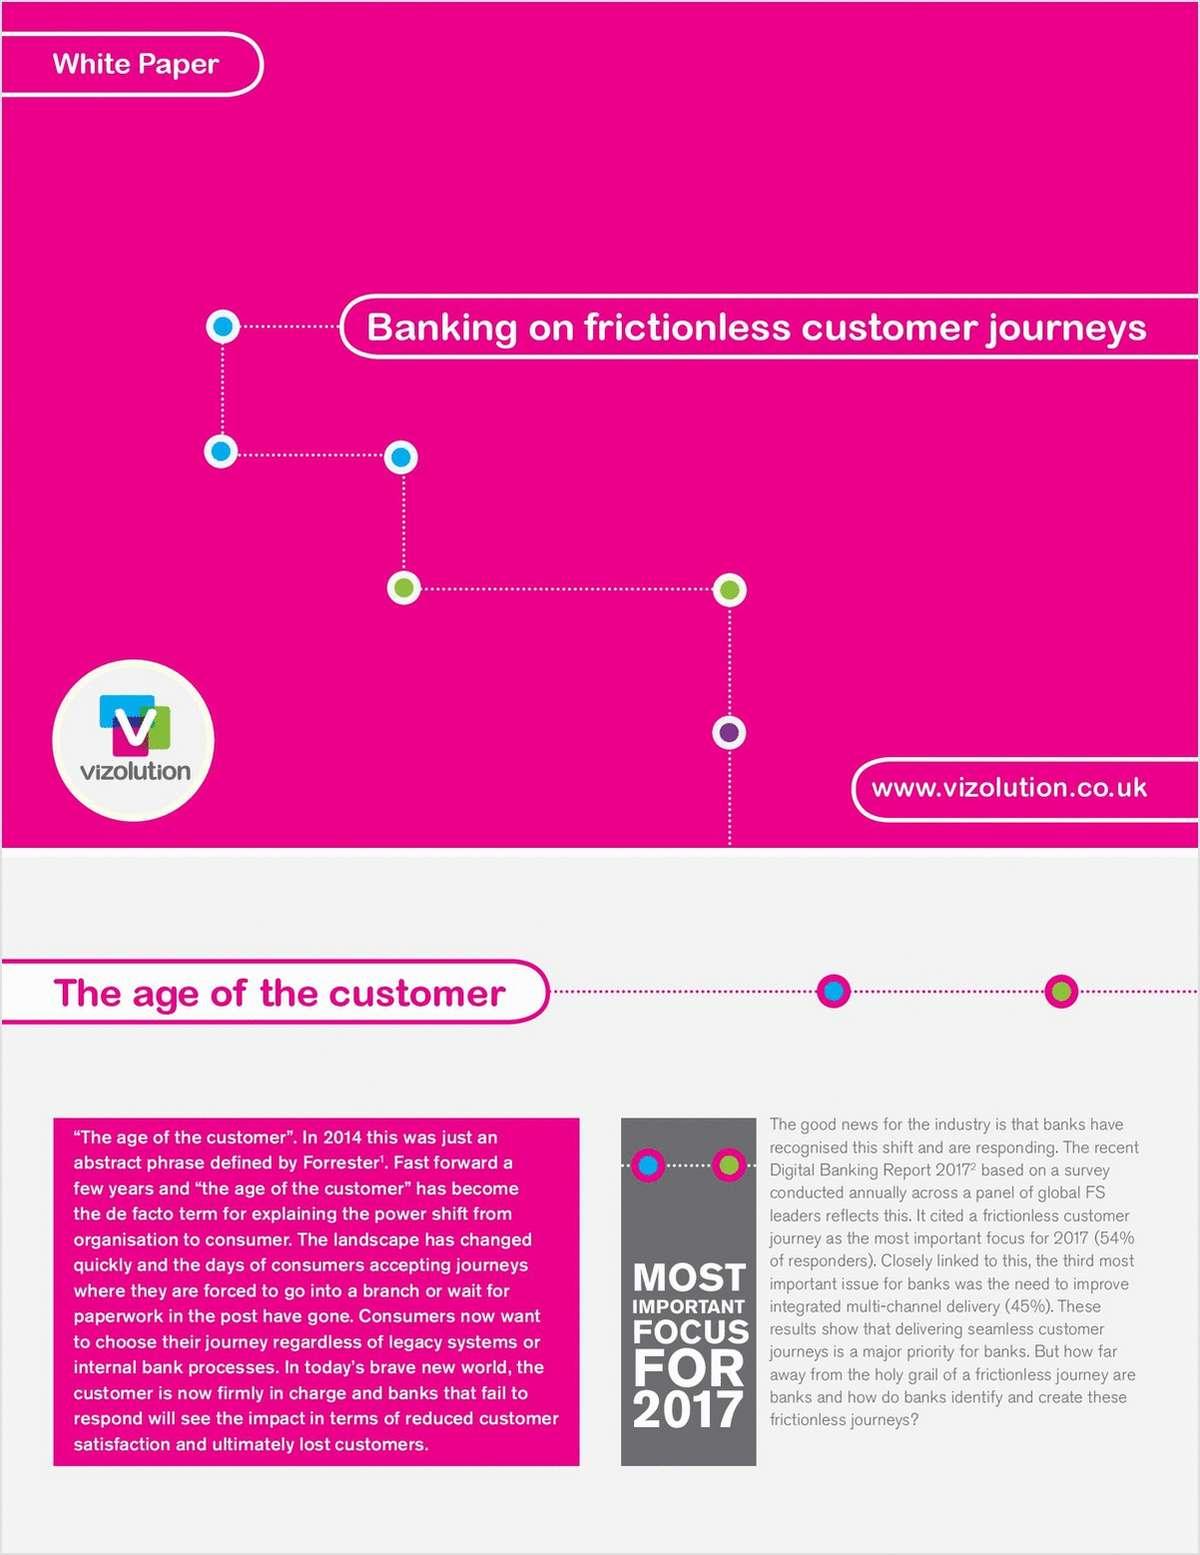 Banking on Frictionless Customer Journeys - UK